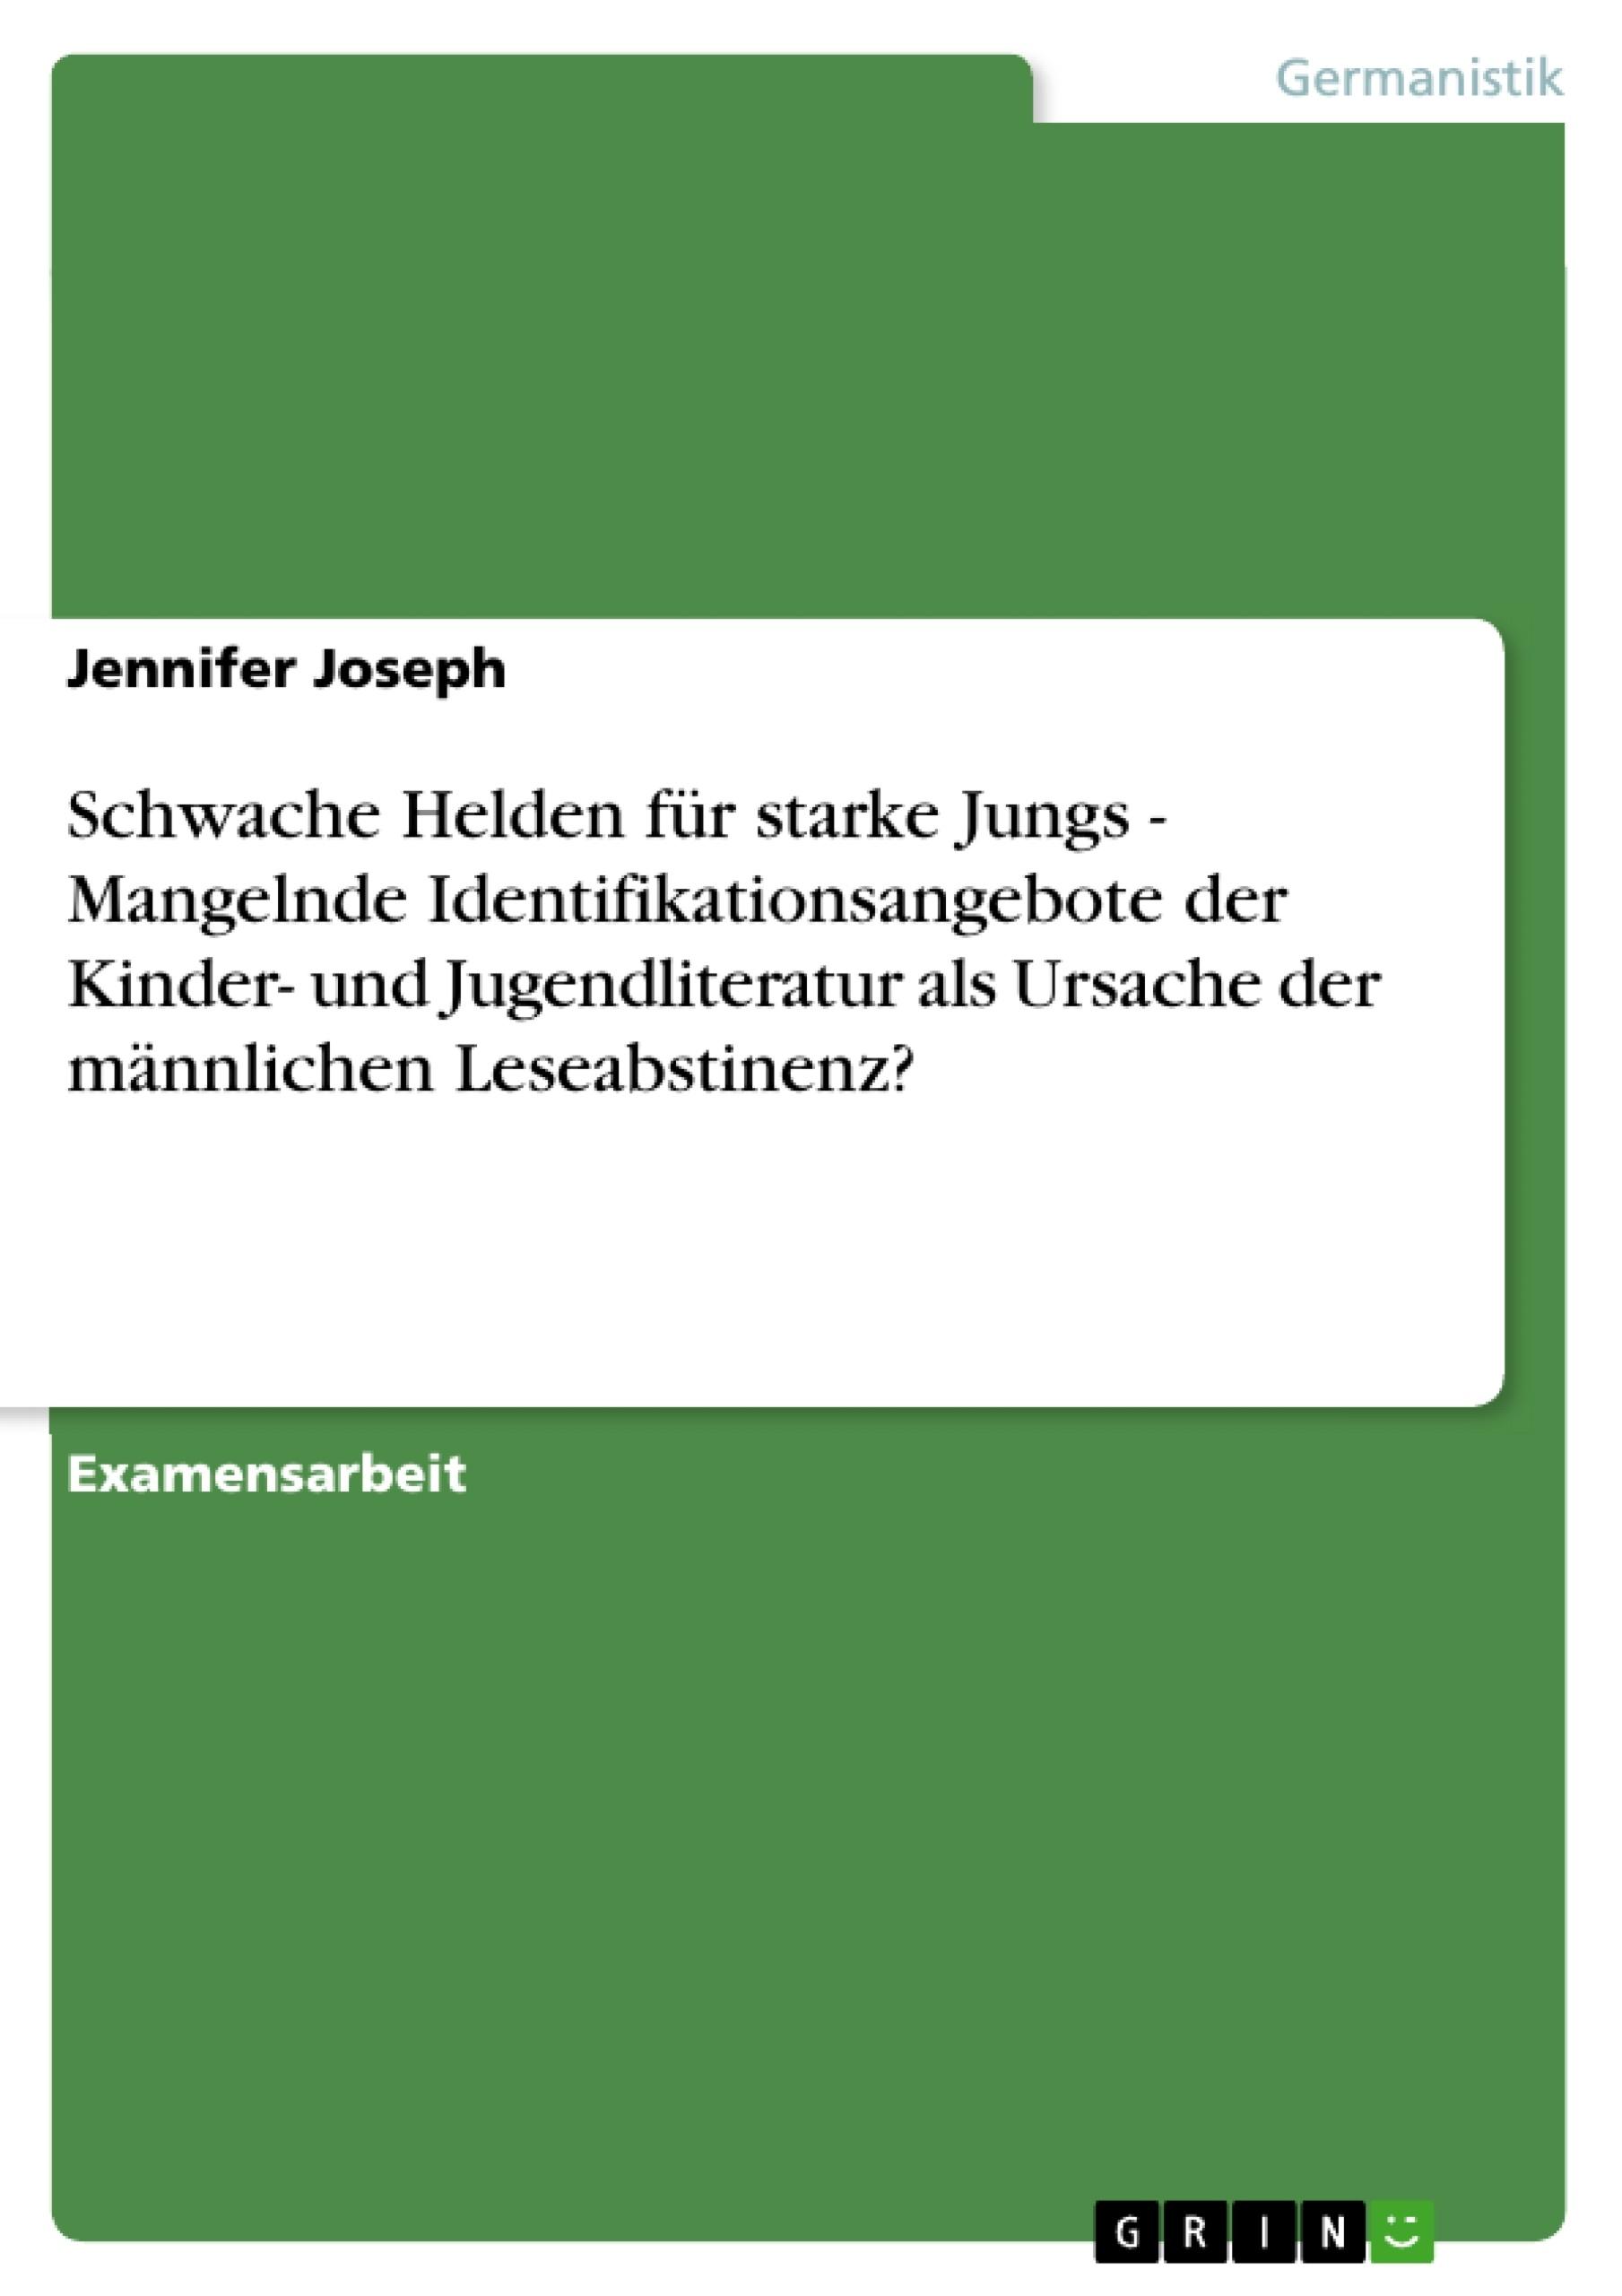 Titel: Schwache Helden für starke Jungs - Mangelnde Identifikationsangebote der Kinder- und Jugendliteratur als Ursache der männlichen Leseabstinenz?